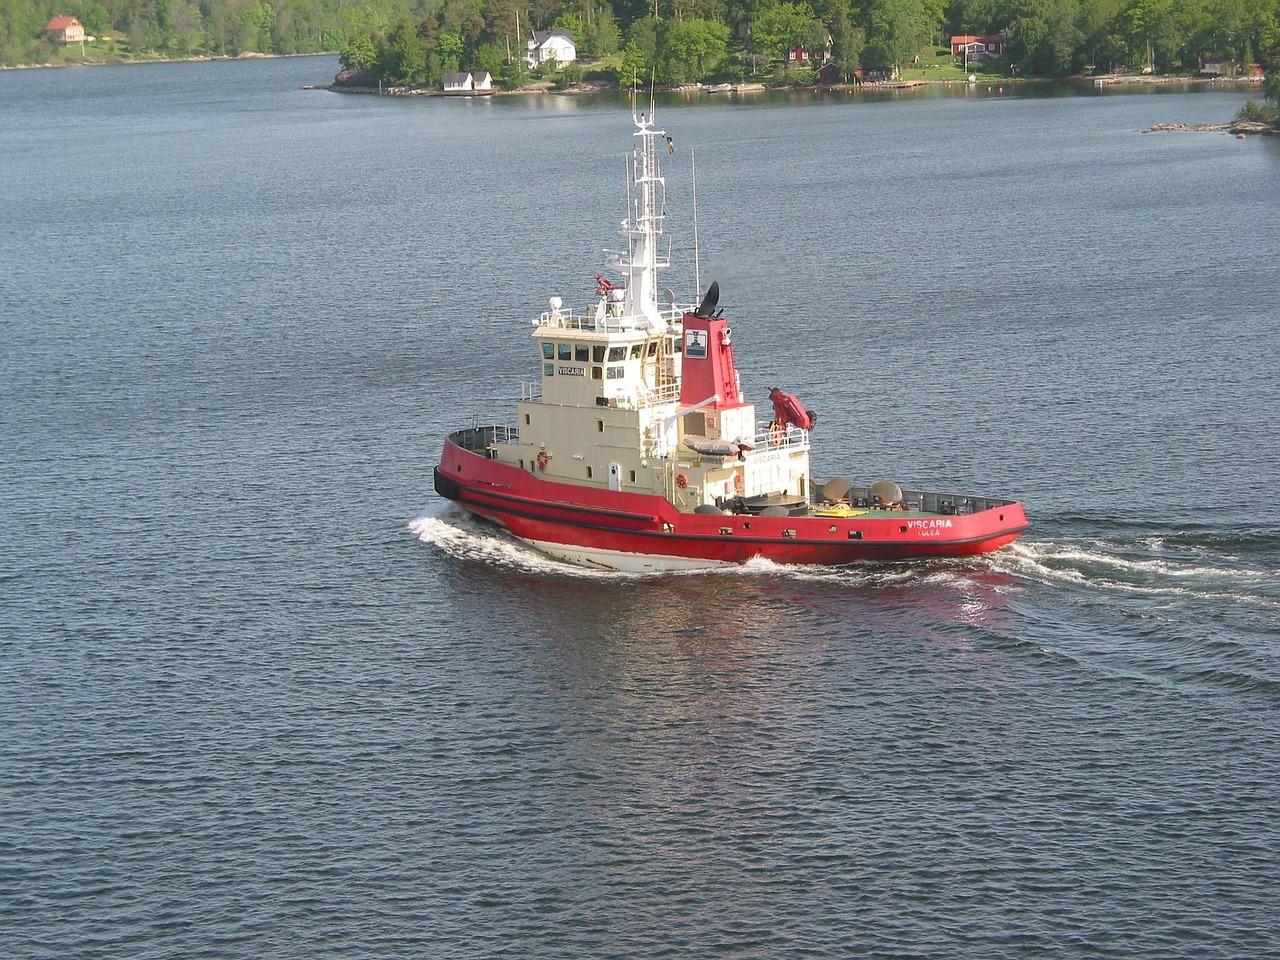 tugboat-free pic